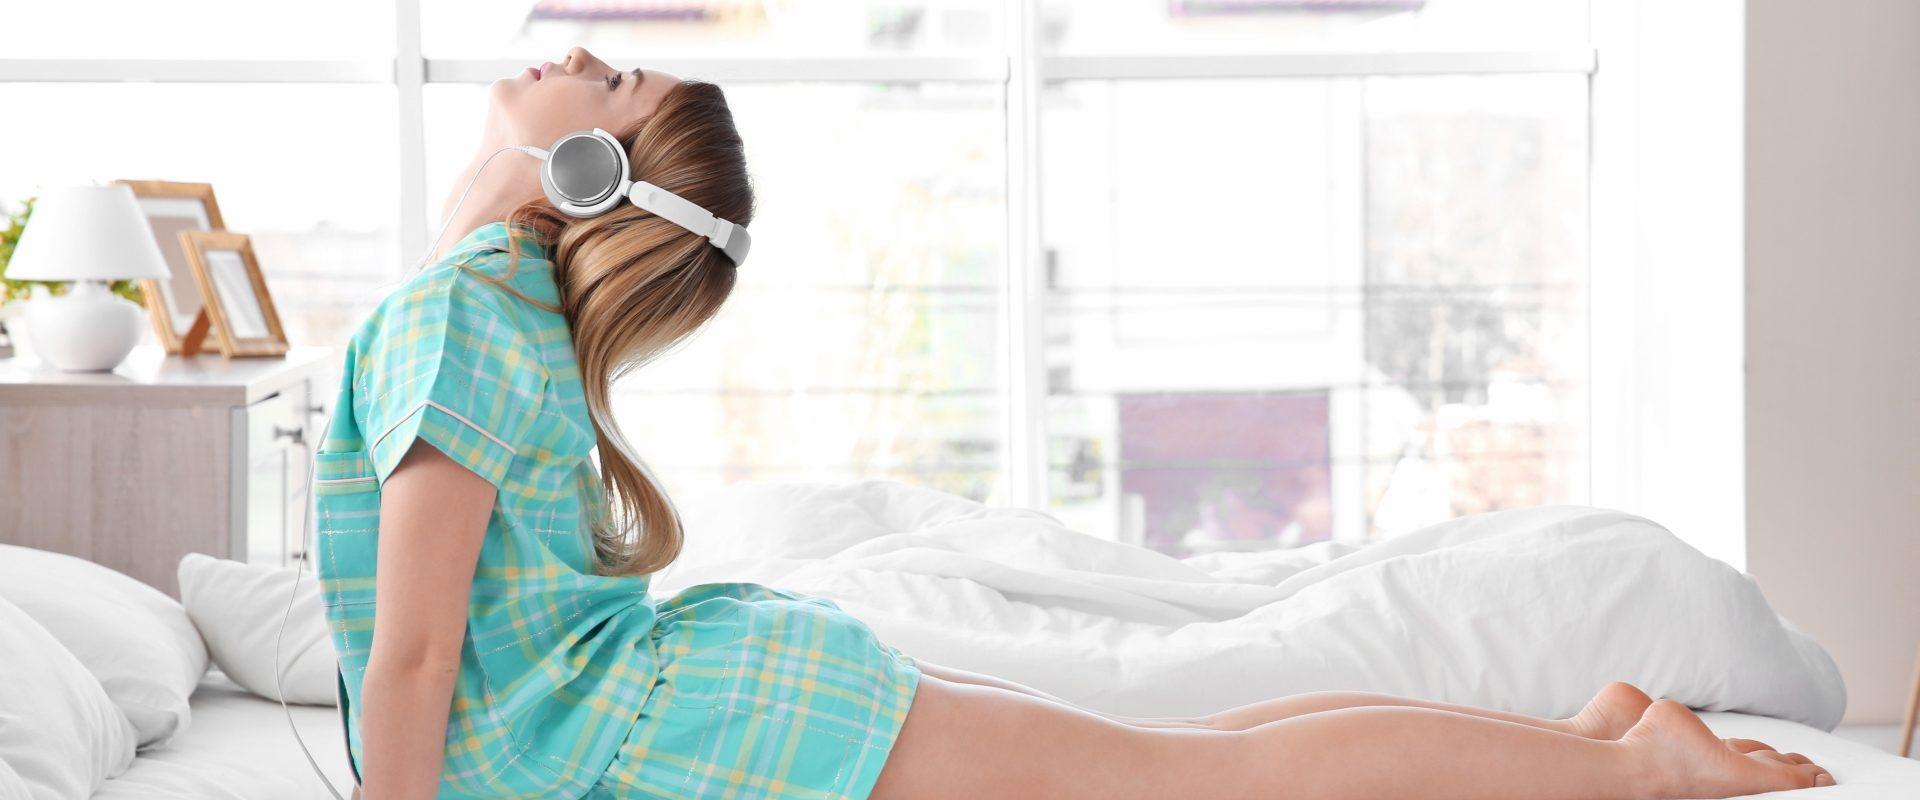 Jak wykonać poranne ćwiczenia w domu?